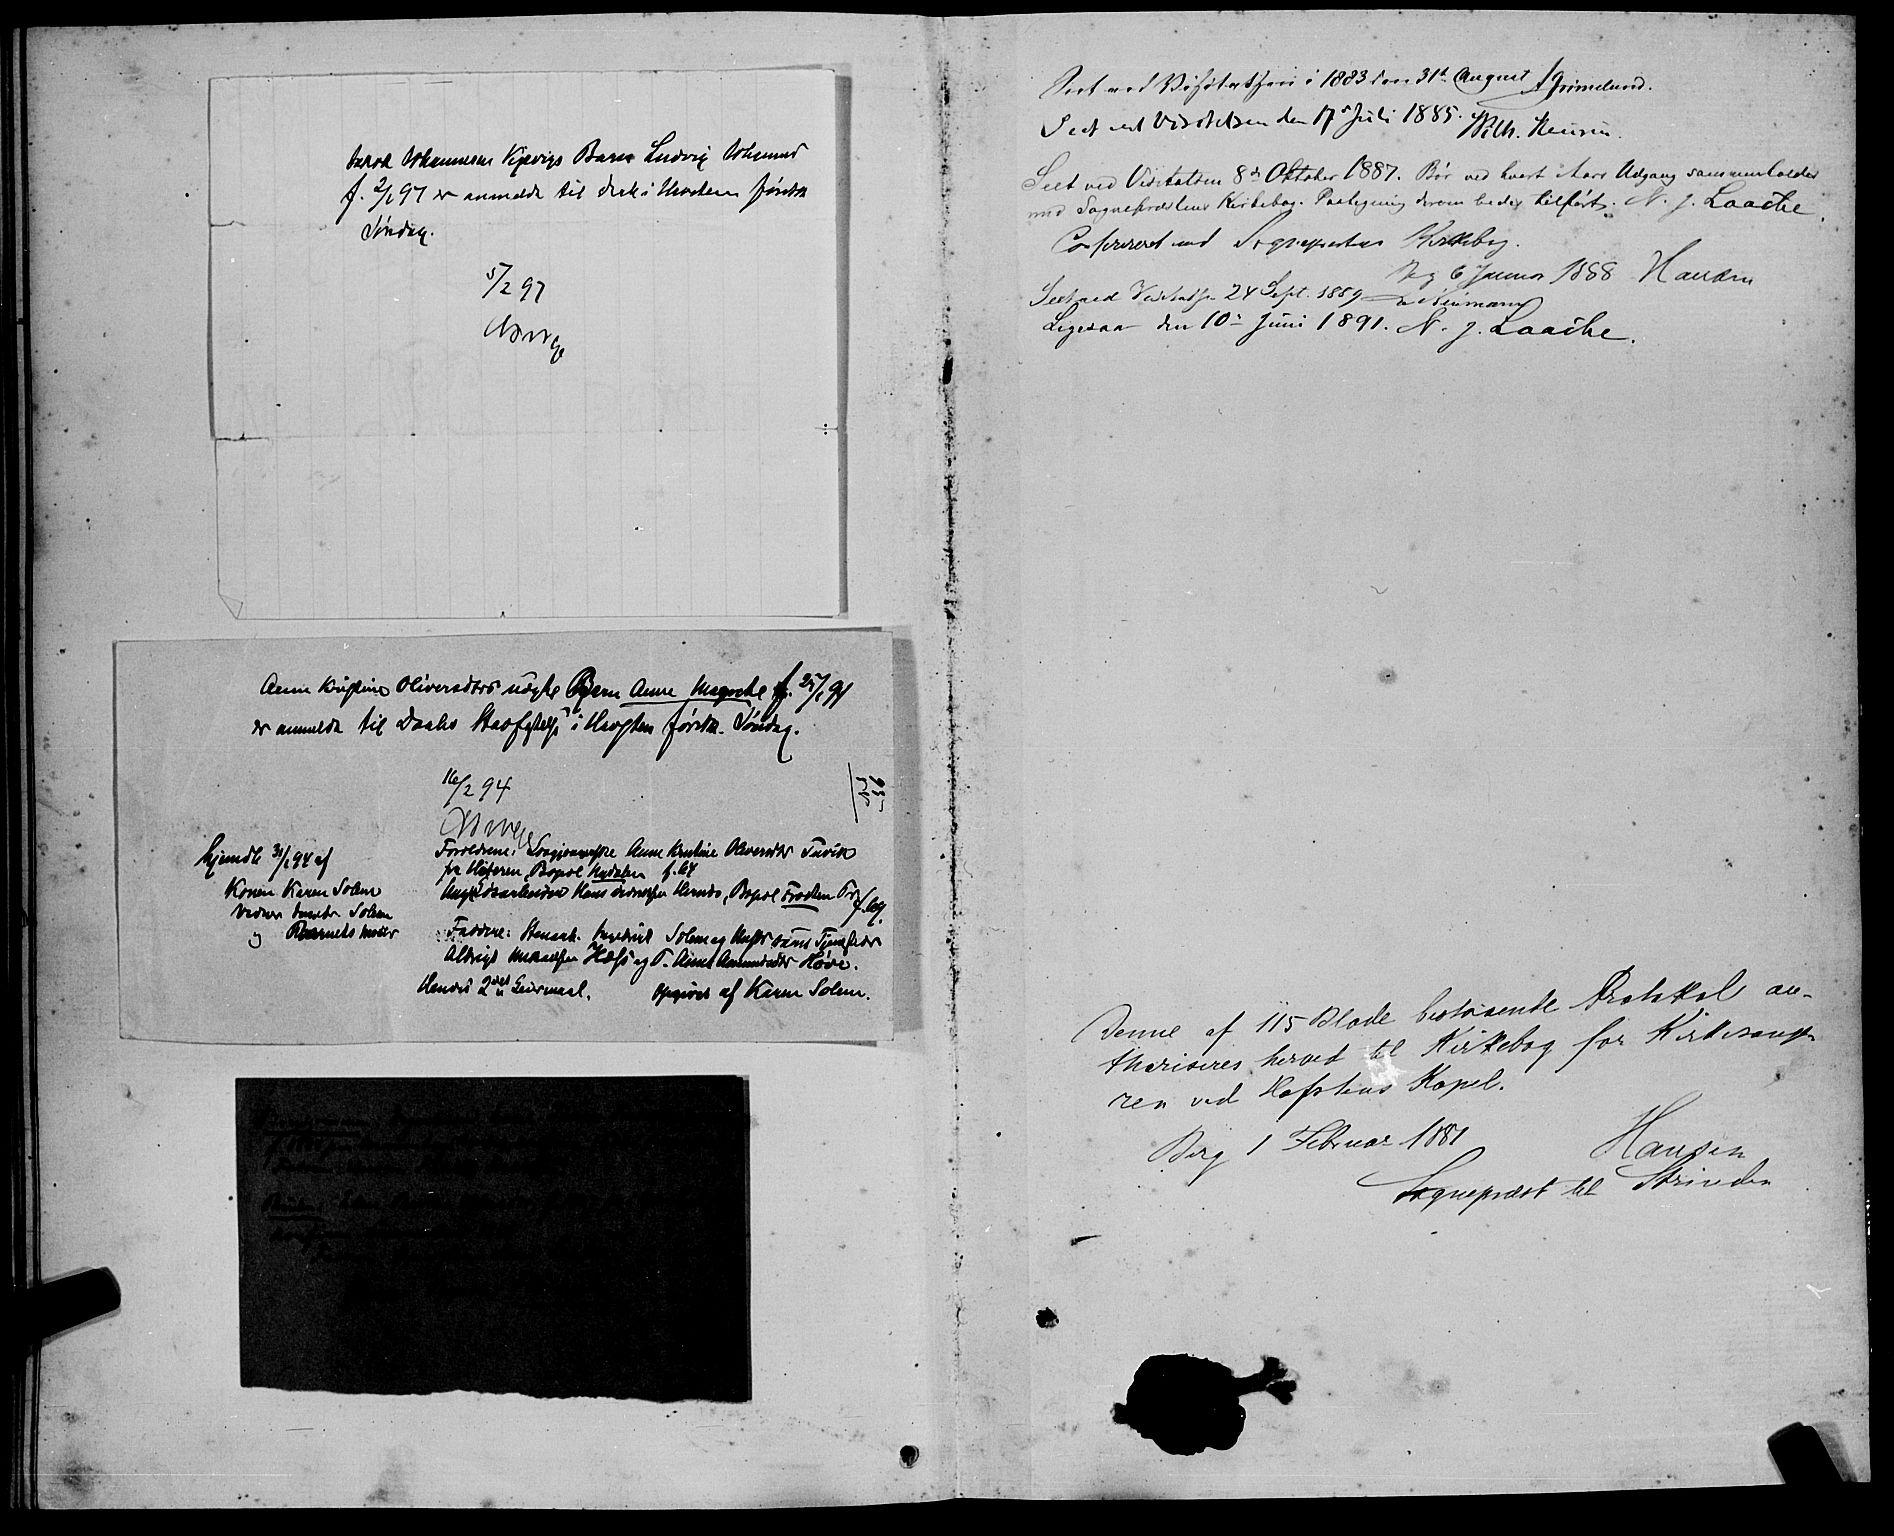 SAT, Ministerialprotokoller, klokkerbøker og fødselsregistre - Sør-Trøndelag, 611/L0354: Klokkerbok nr. 611C02, 1881-1896